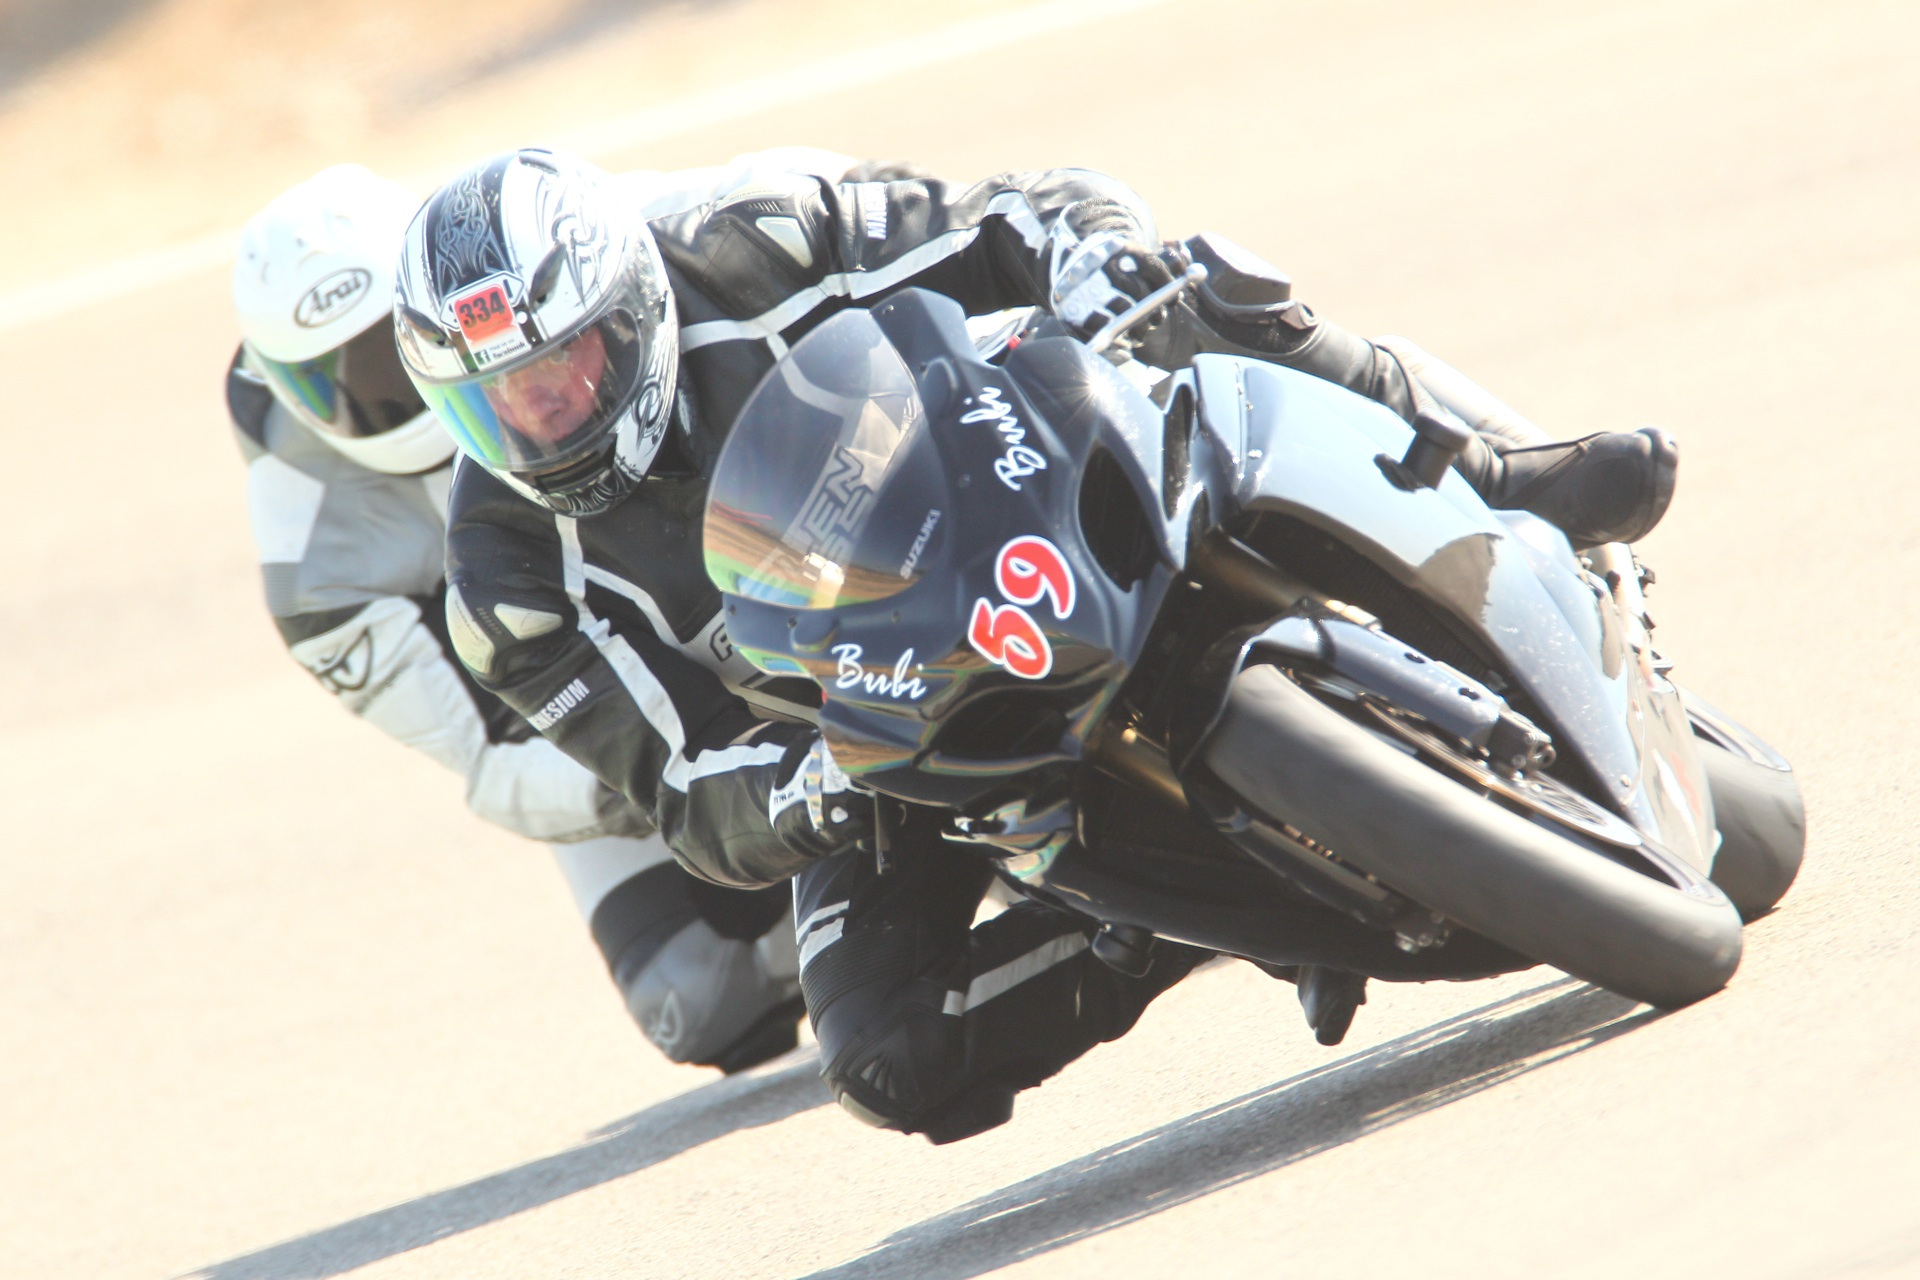 calafat_2012_racemoto_copyright_pixelrace_11